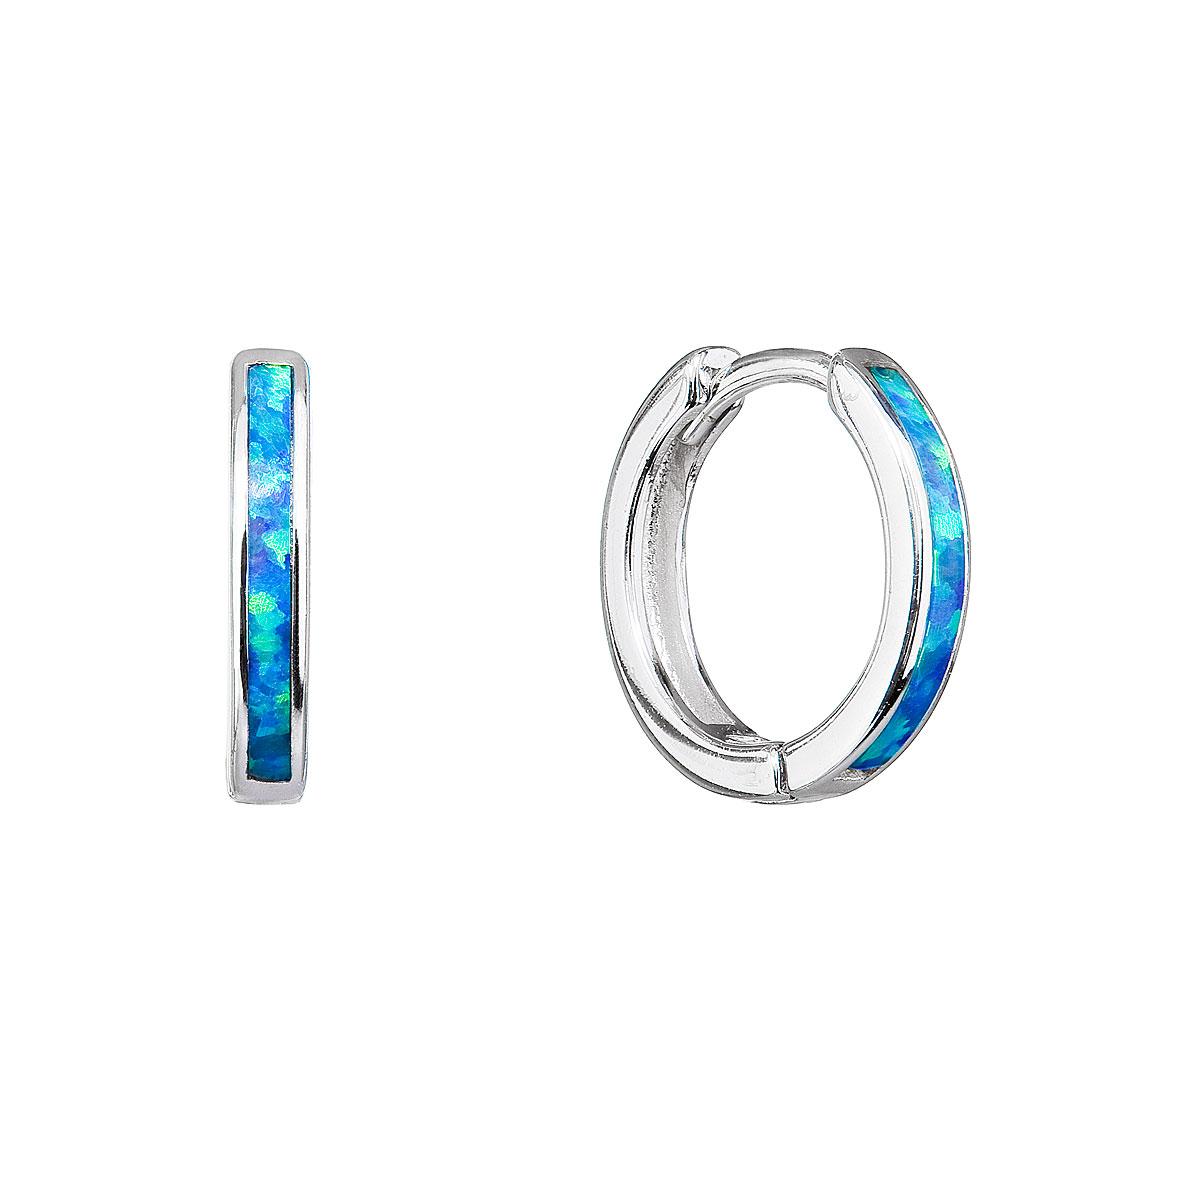 Strieborné náušnice kruhy so syntetickým opálom modré 11403.3